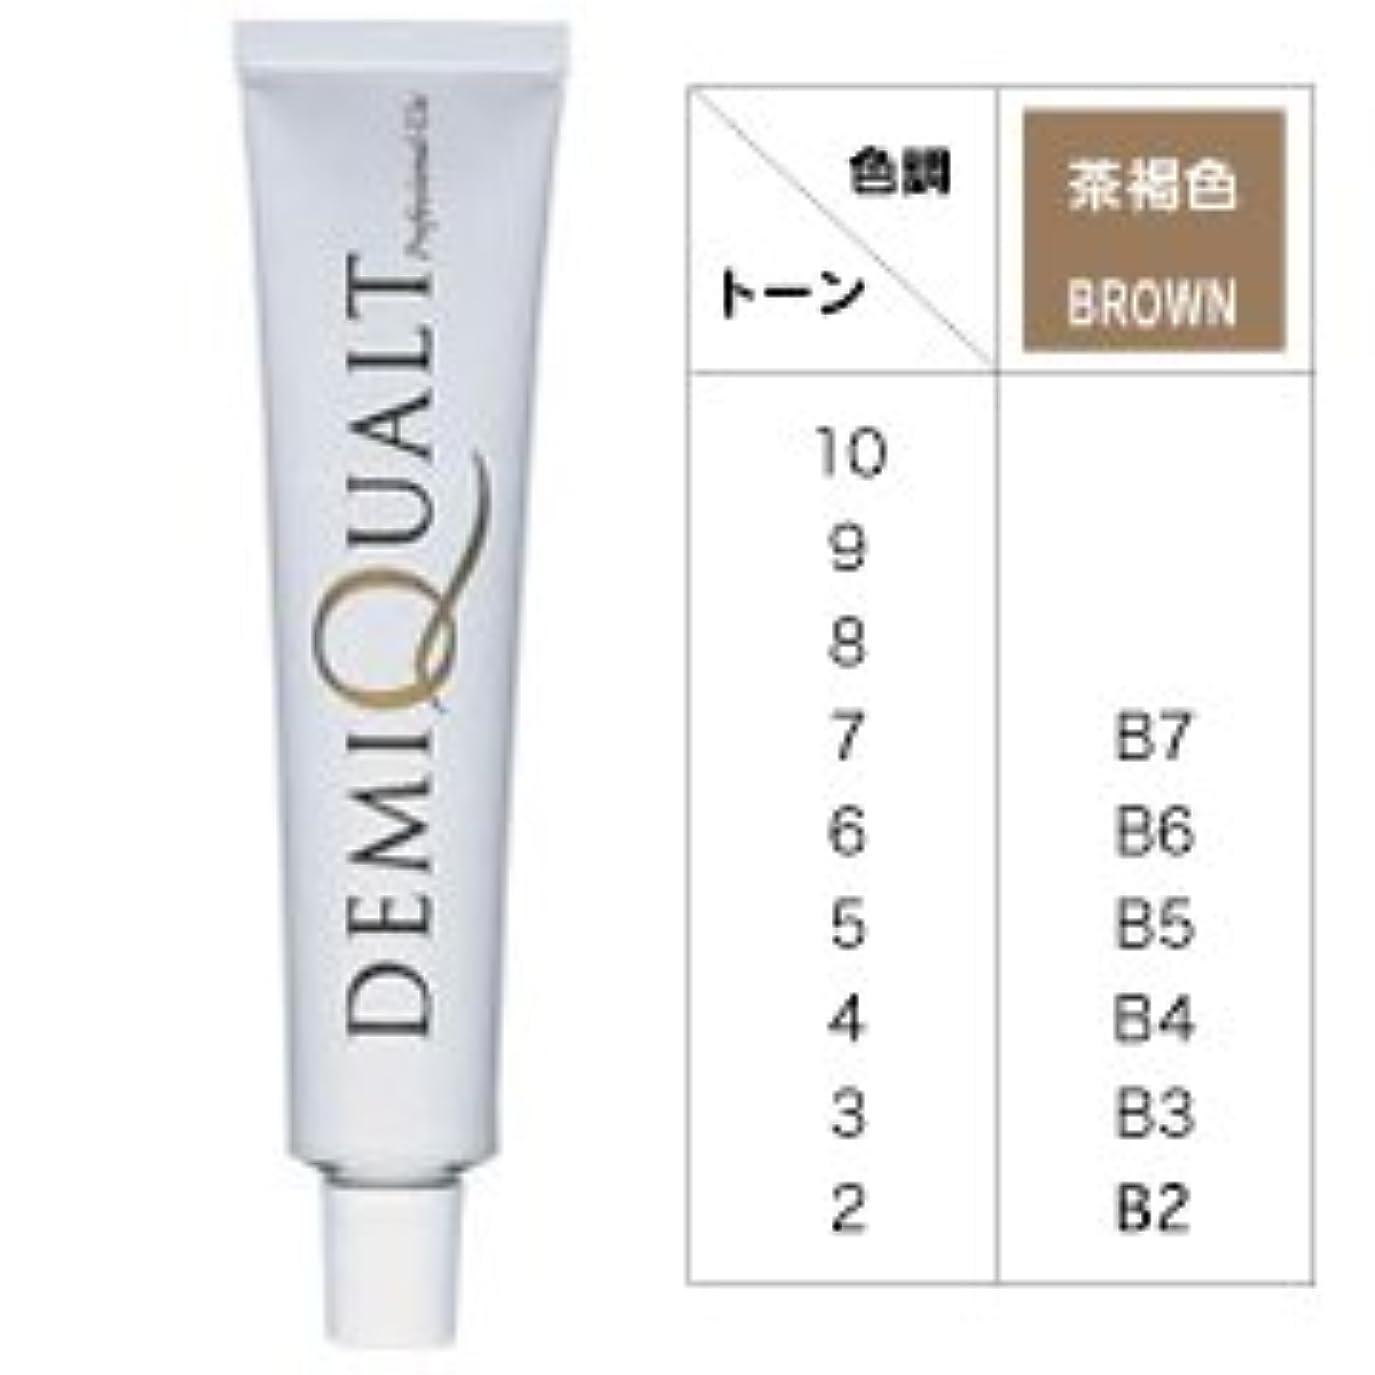 賠償祝福ビーチ【デミコスメティクス】デミ クオルトカラー #B6 60g